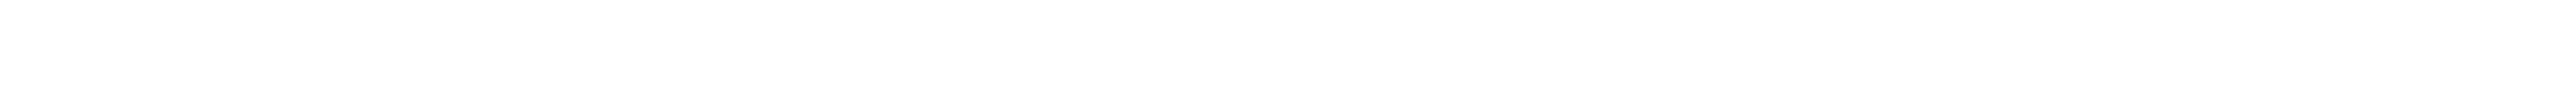 סכומונים - דוגמא - אמנות יודאיקה ייחודית